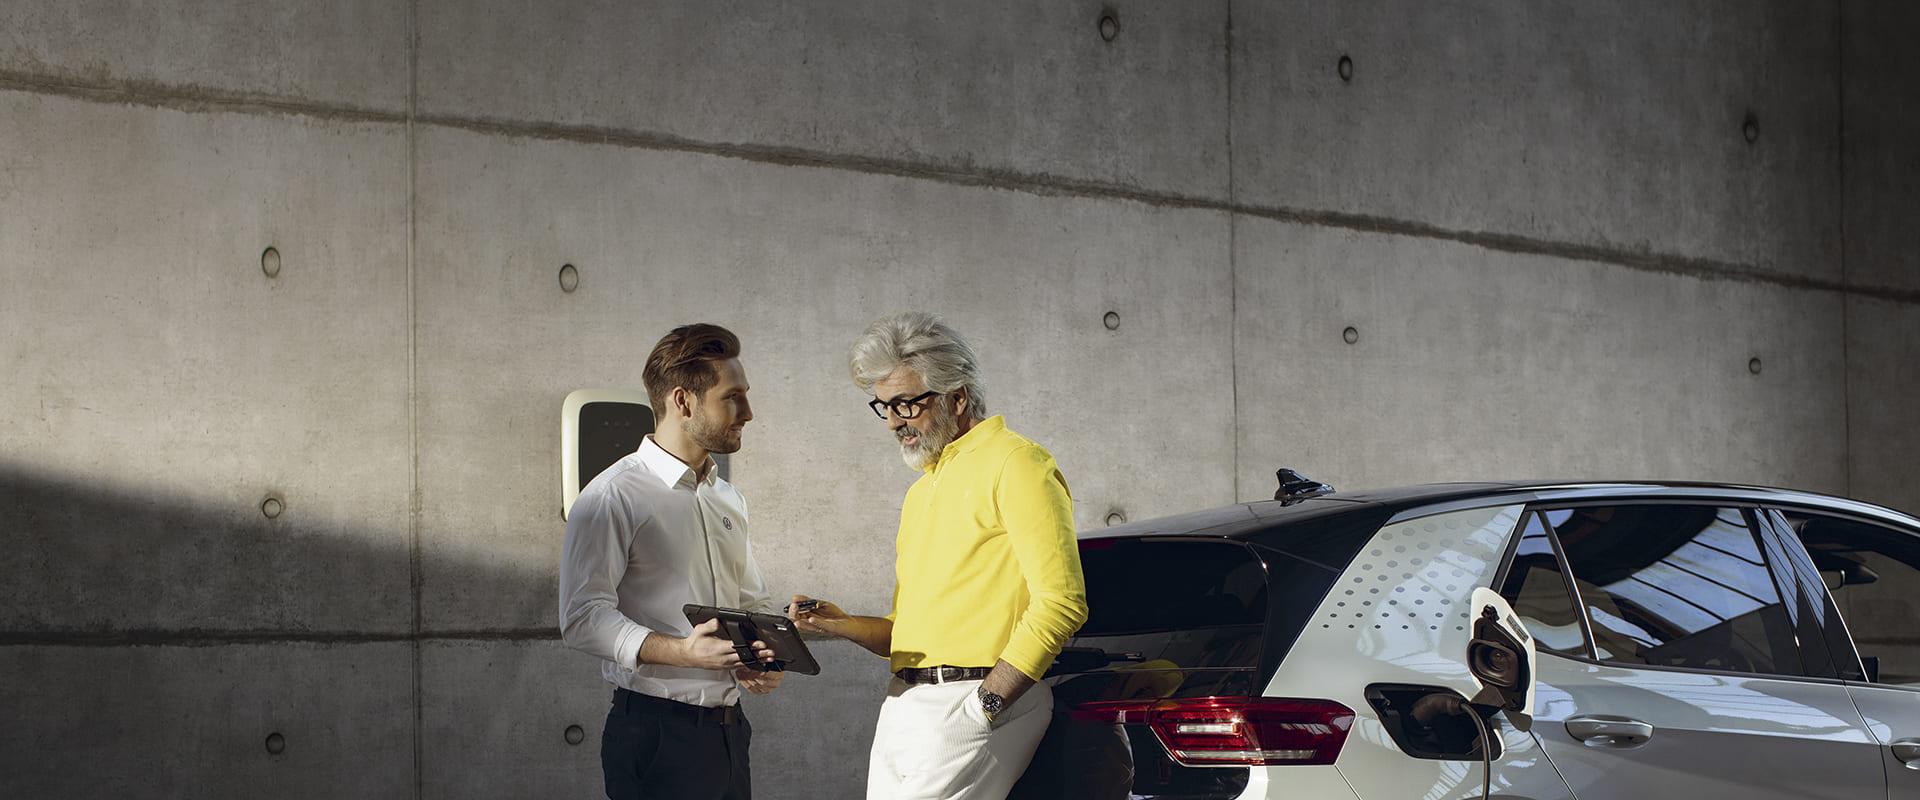 E-Autofahrer erhält Förderinformationen